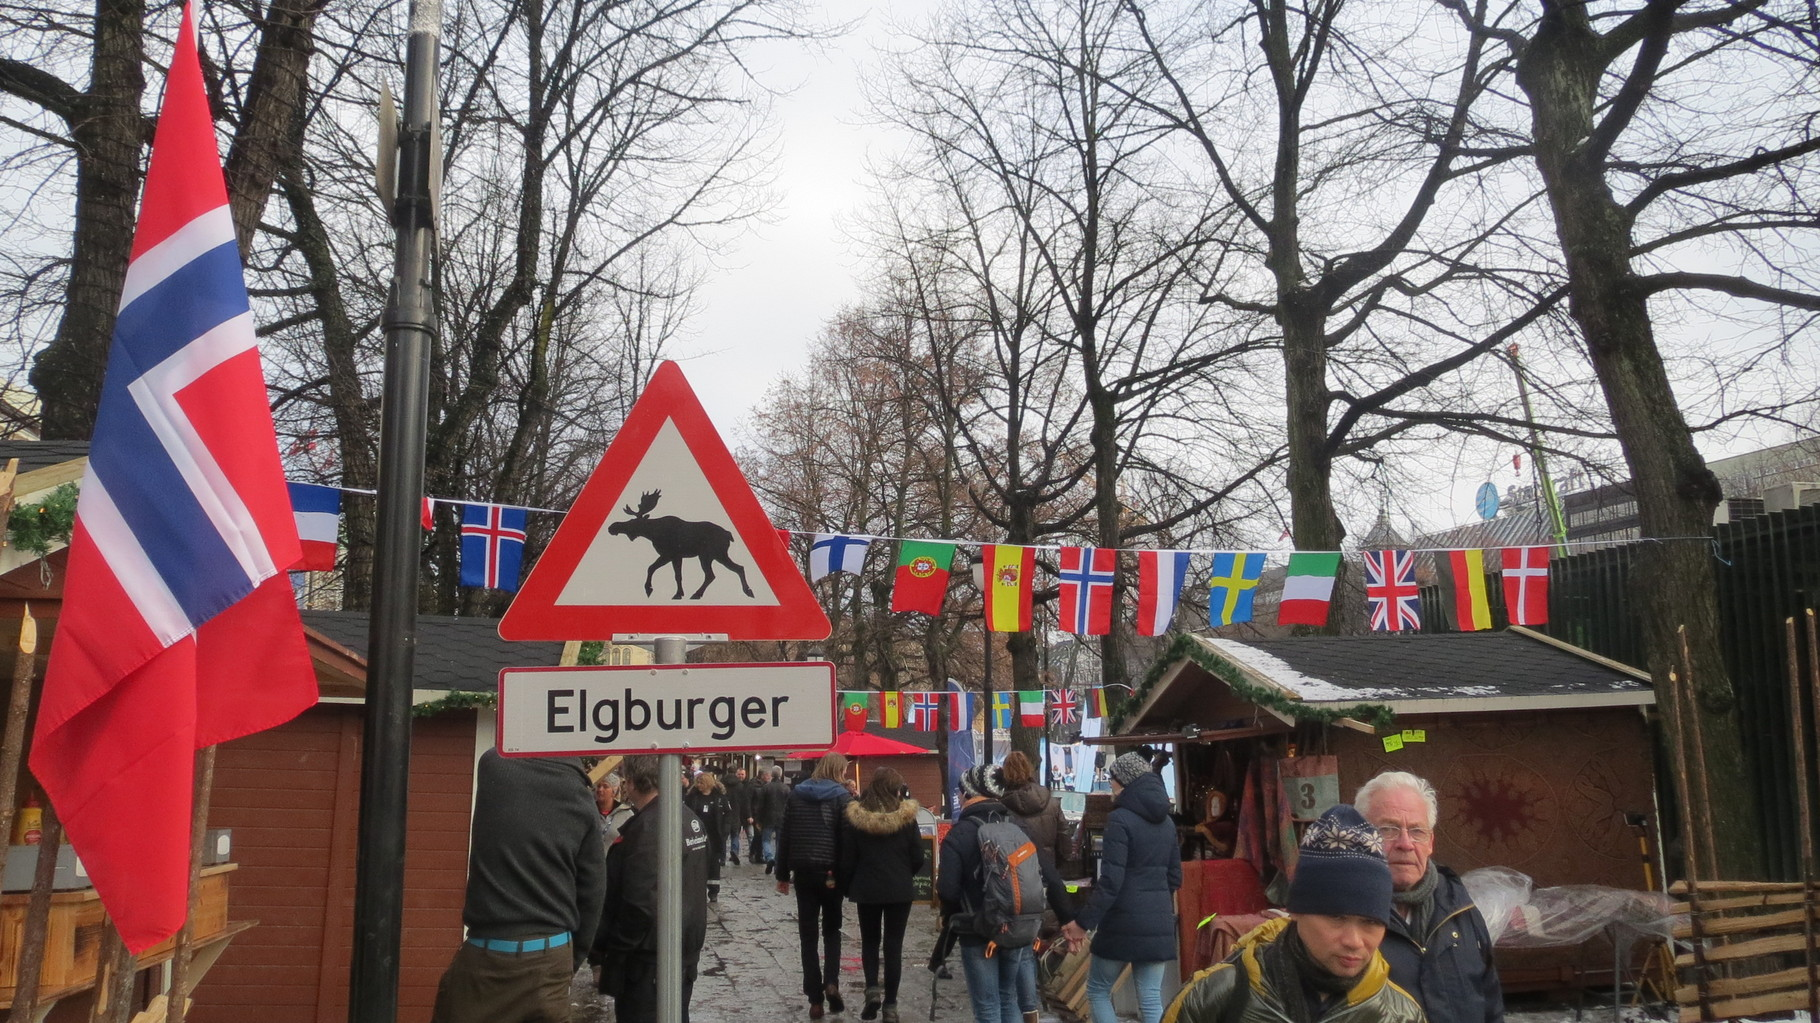 Elgburger auf dem Karneval der Kulturen des Nordens!